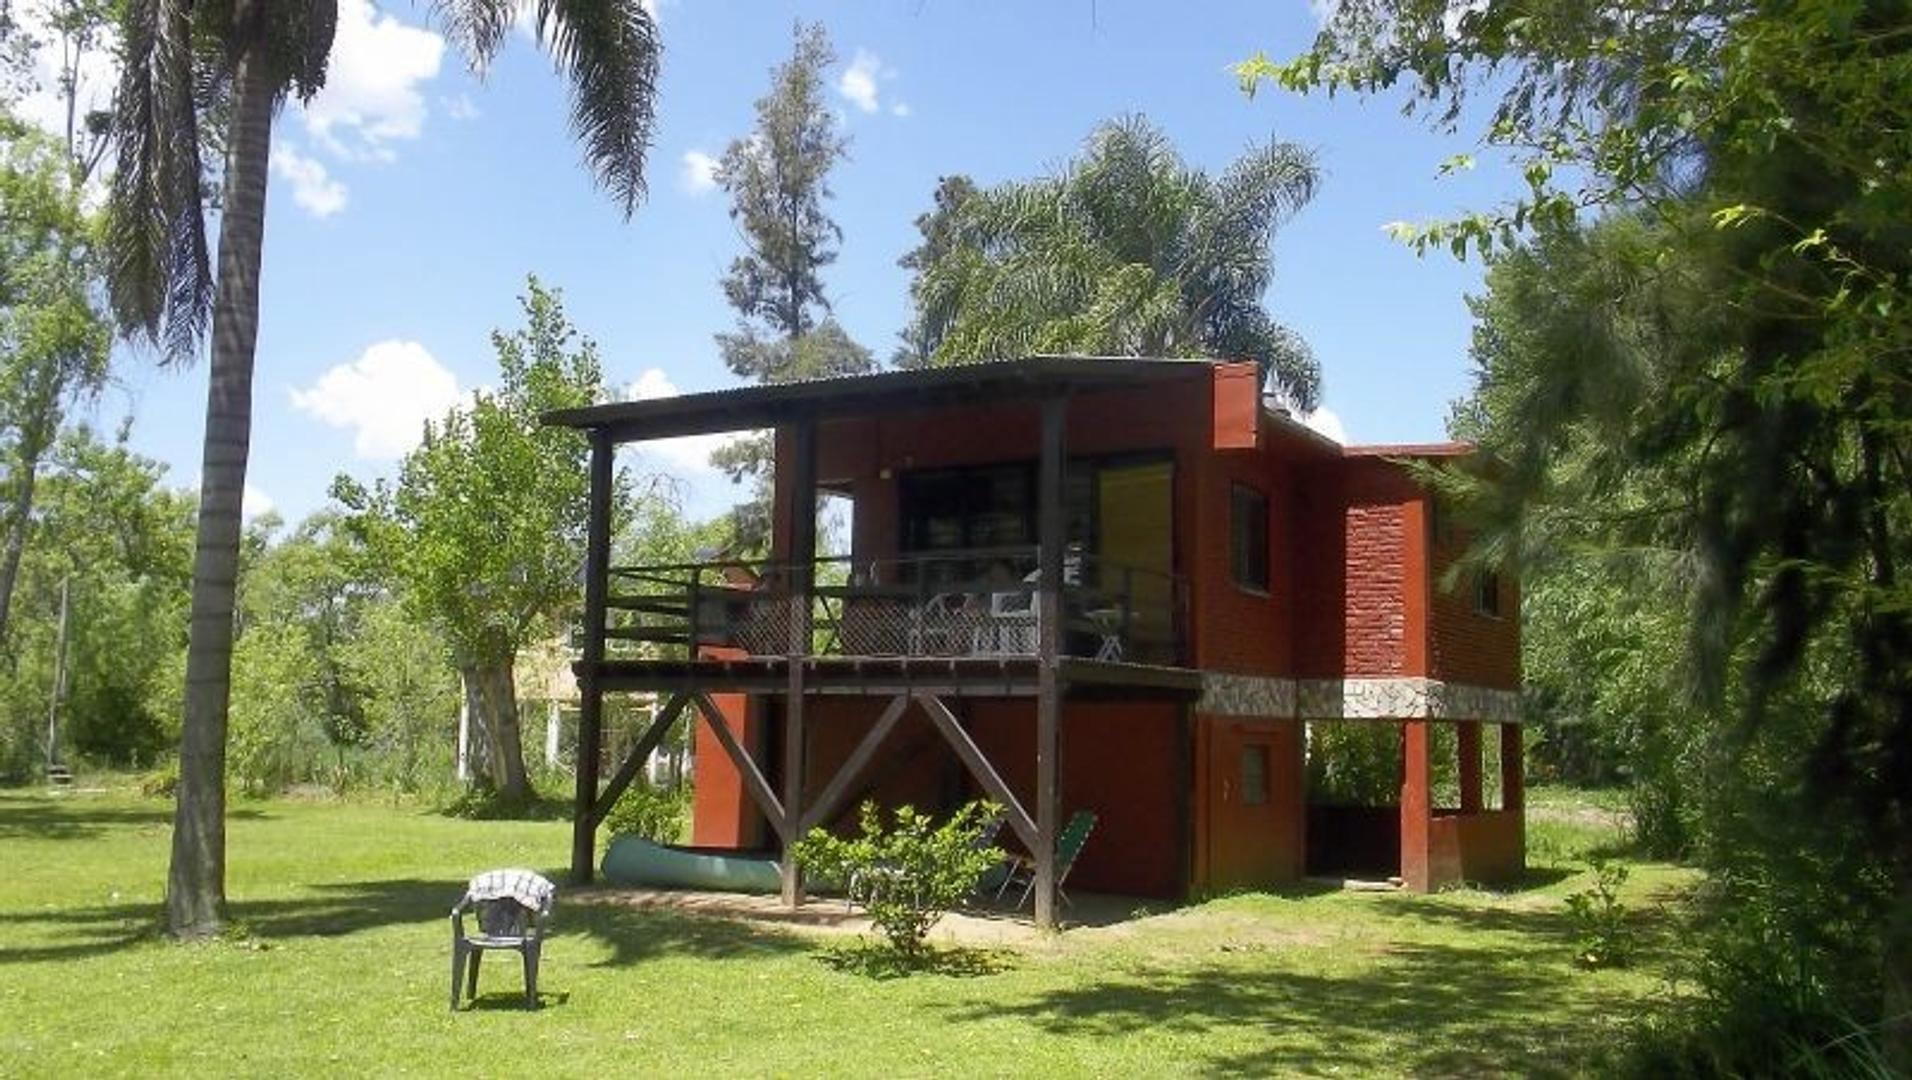 XINTEL(MBG-MBG-315) Casa - Venta - Argentina, Tigre